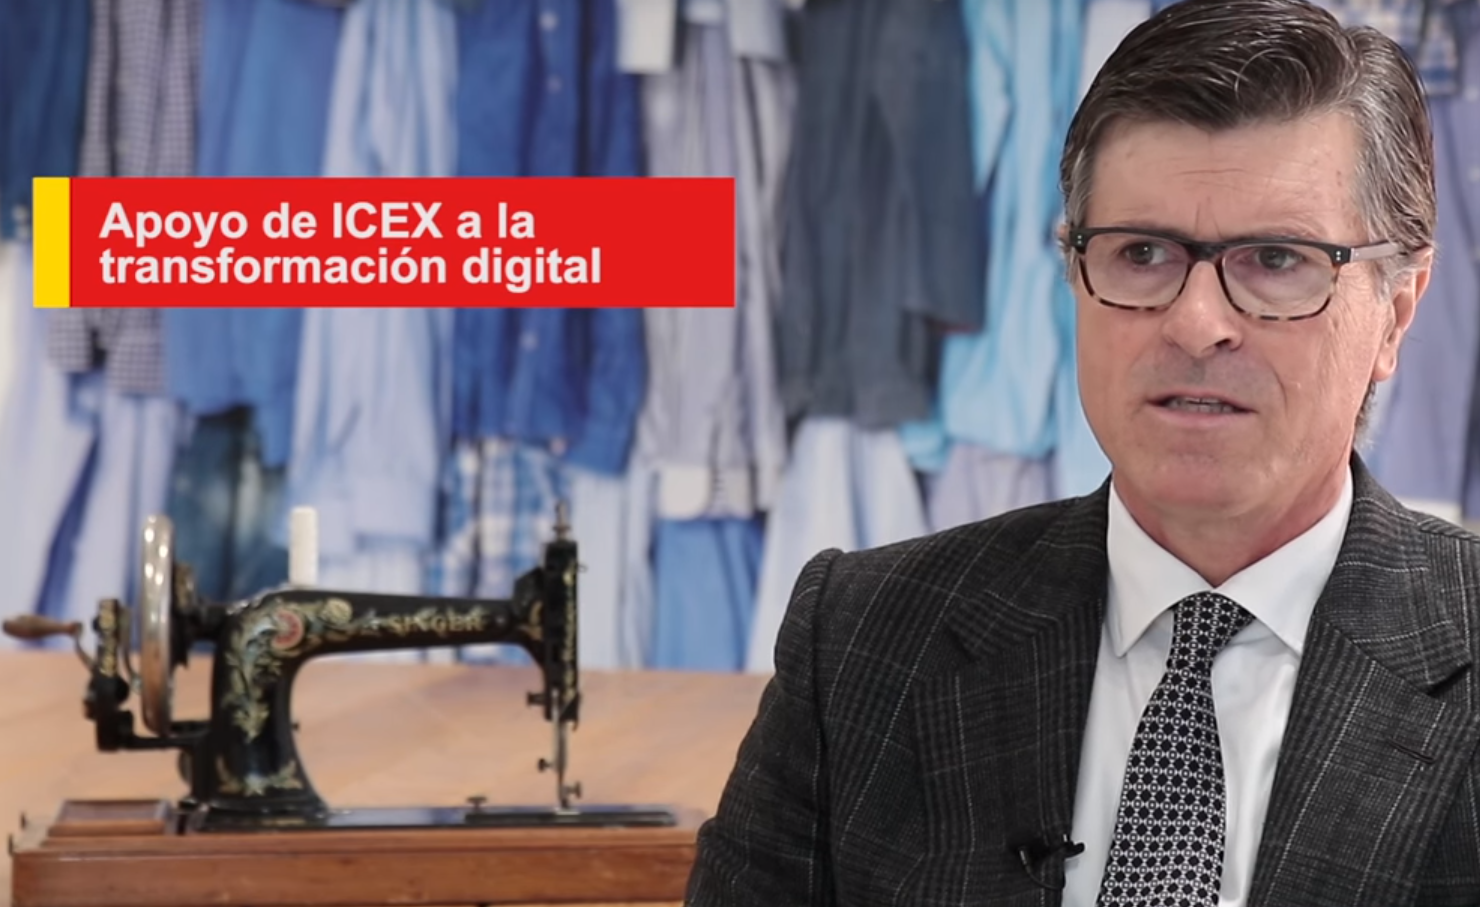 Vídeos testimoniales de servicios ICEX